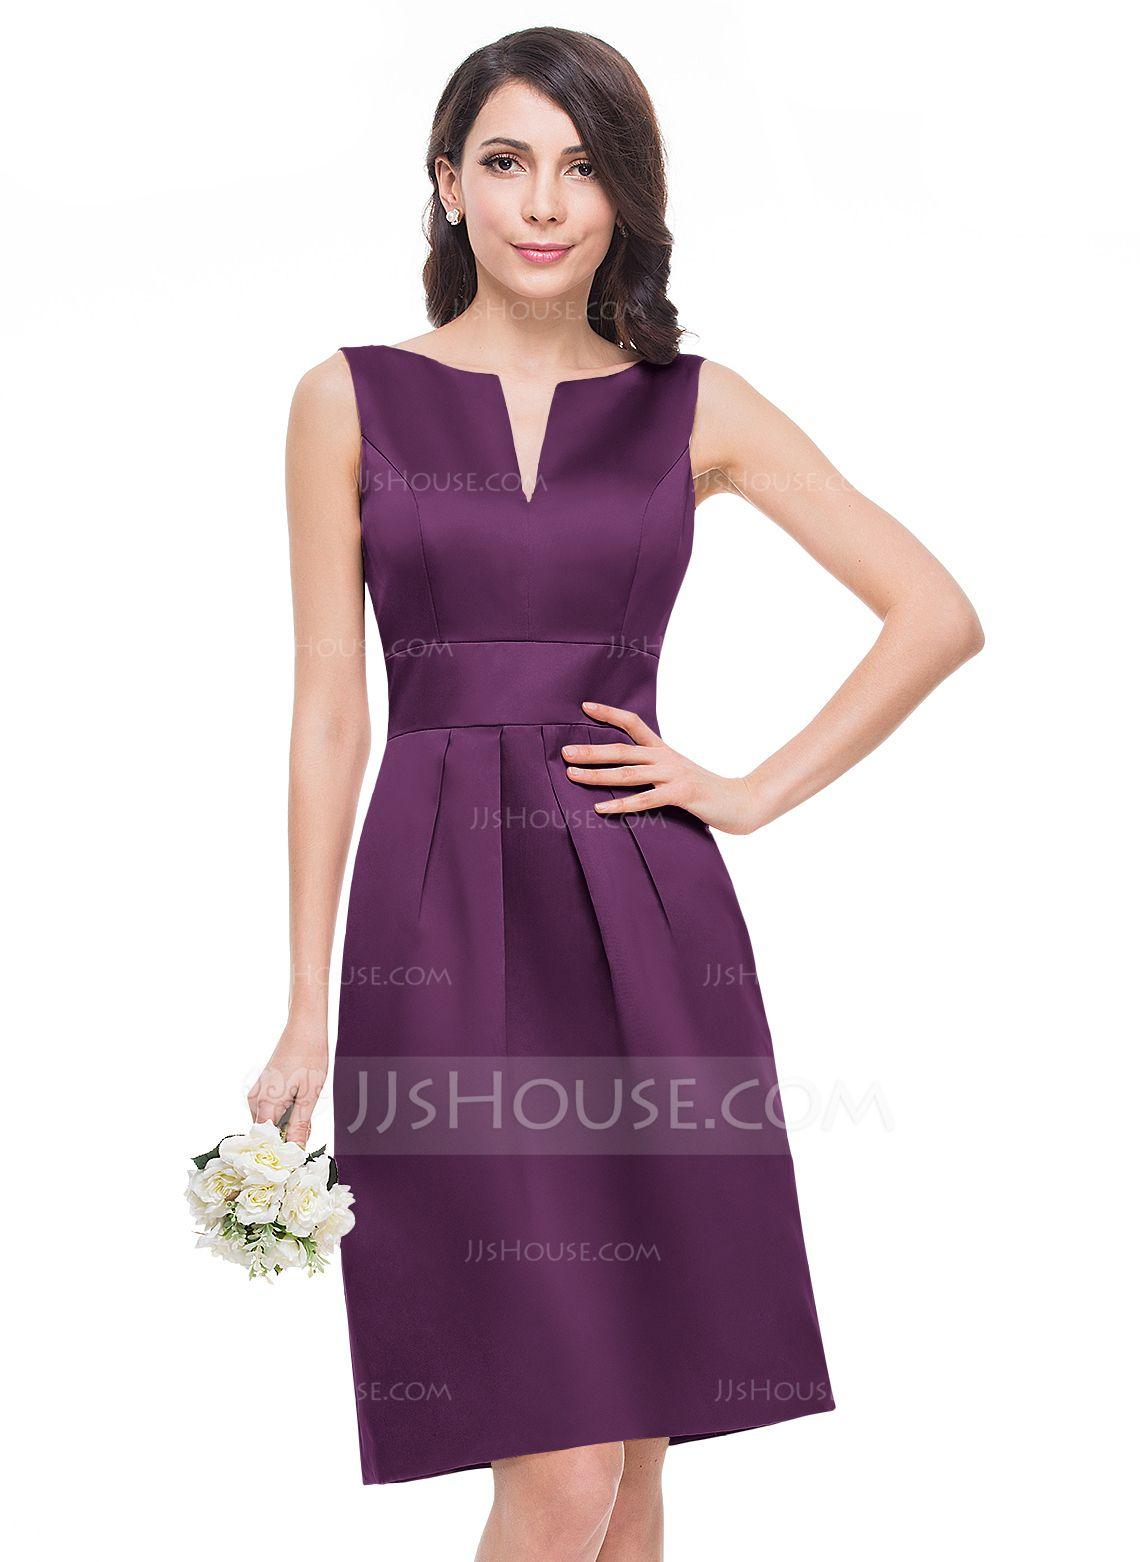 vestidos para damas de honor niñas - Google Search … | Pinteres…